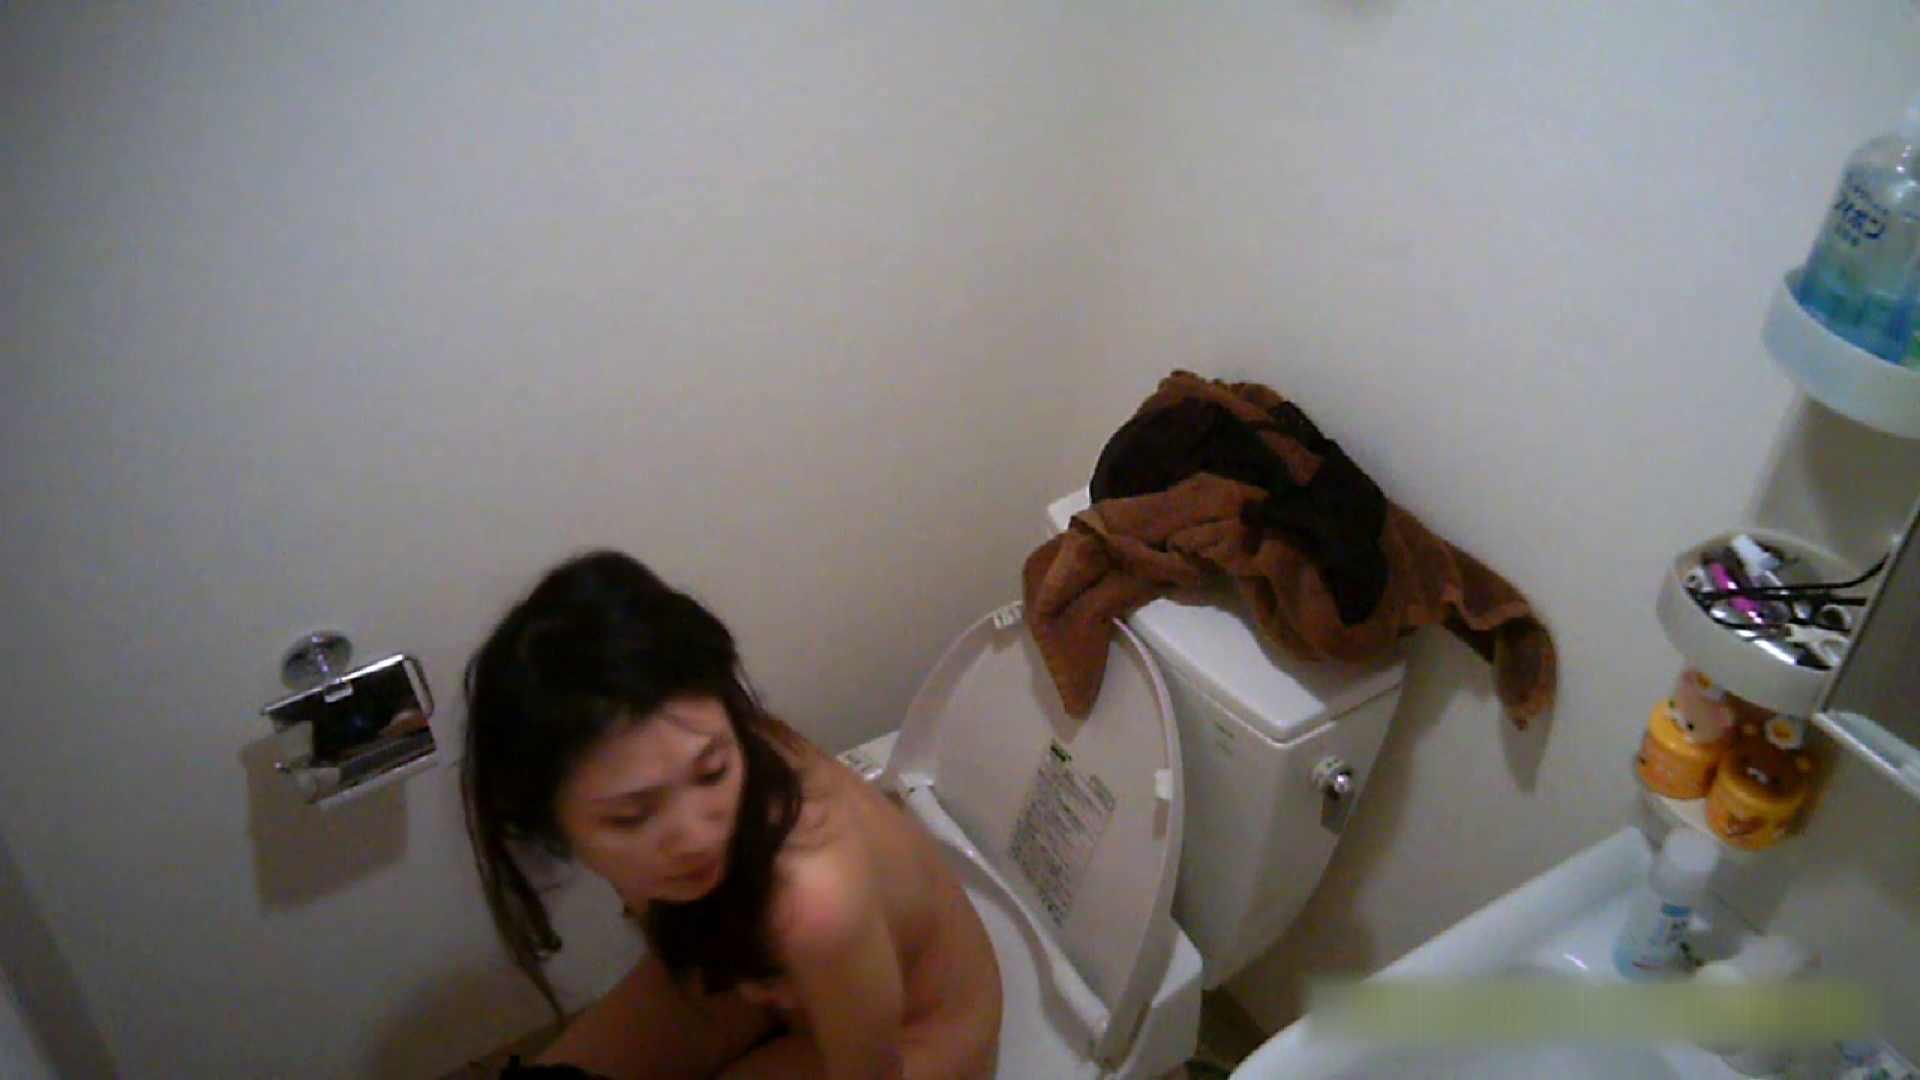 清楚な顔してかなり敏感なE子25歳(仮名)Vol.05 裸でトイレ編 トイレで・・・ おめこ無修正動画無料 105画像 76